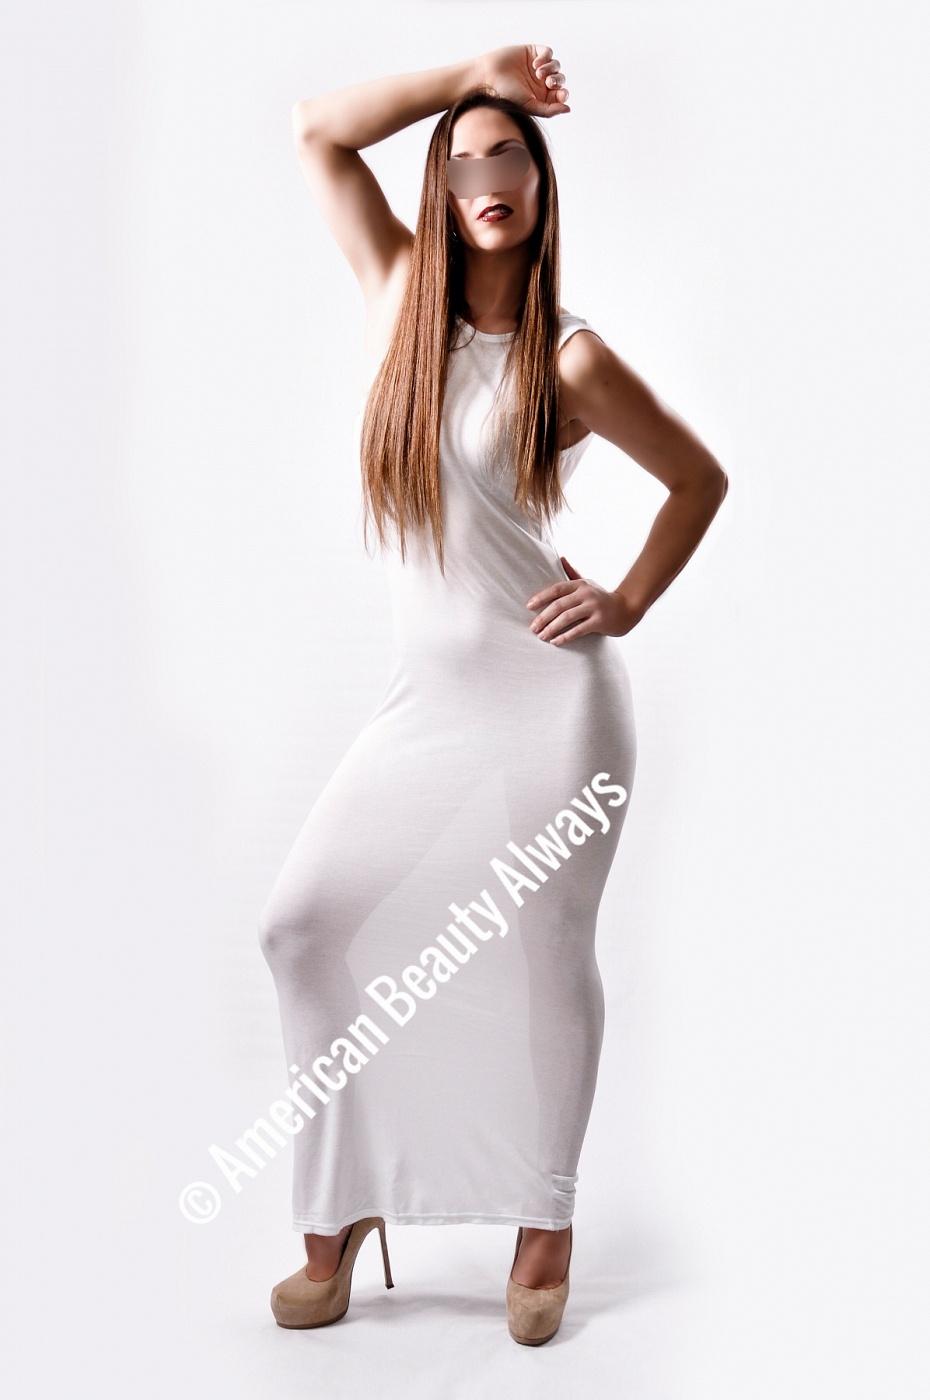 Nicolette Ferrara-Lux et veritas